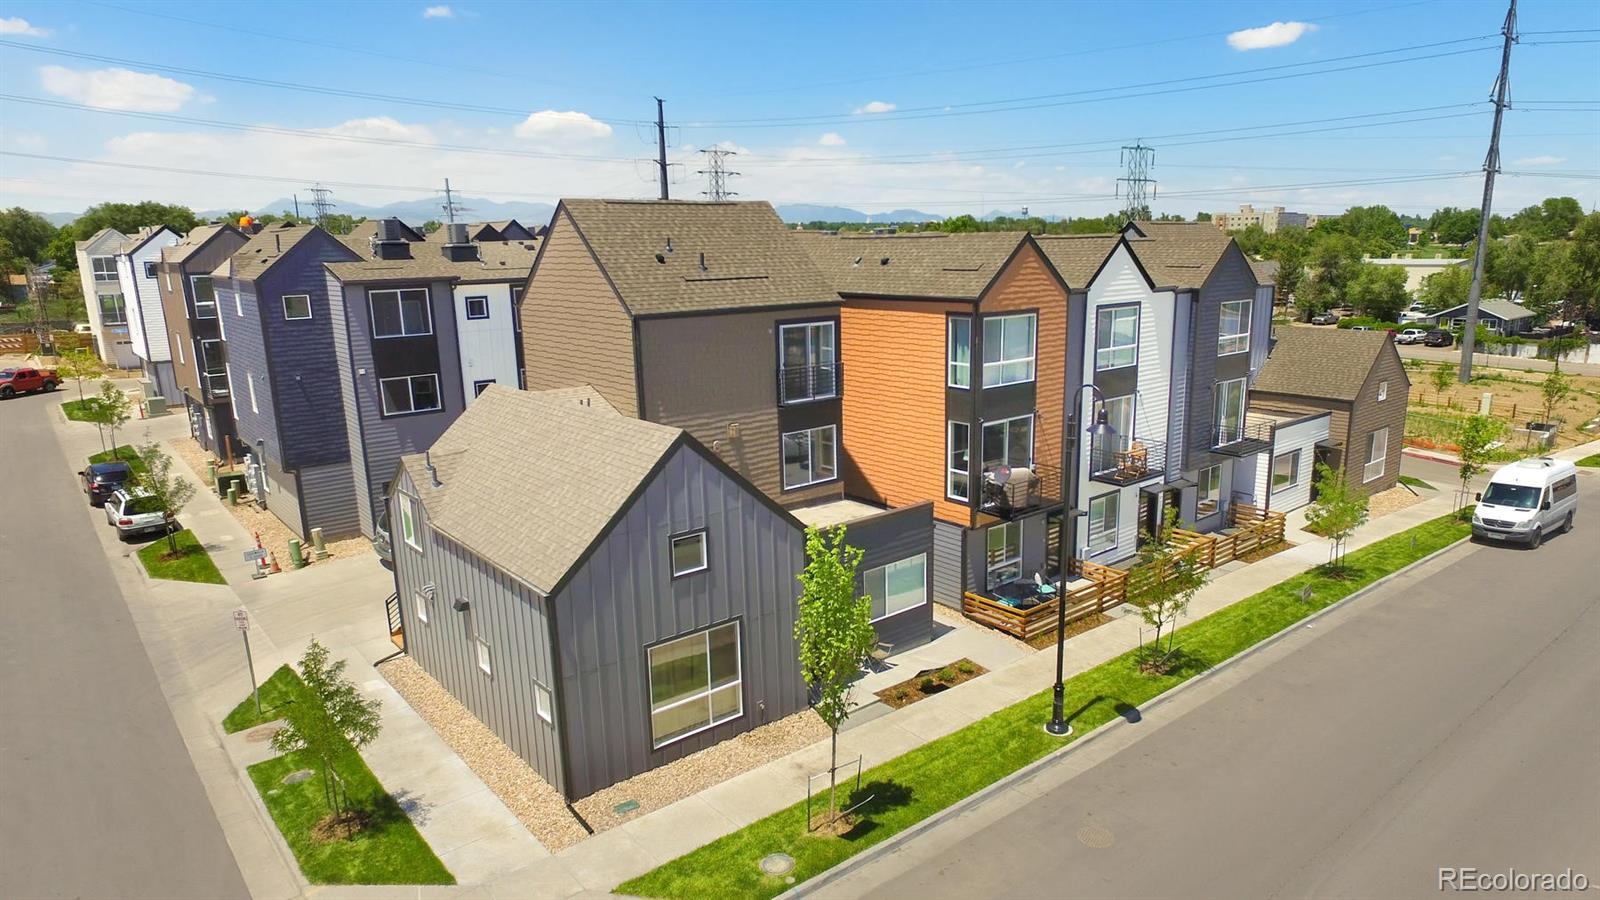 MLS# 8270803 - 3 - 1076 Depew Street, Lakewood, CO 80214